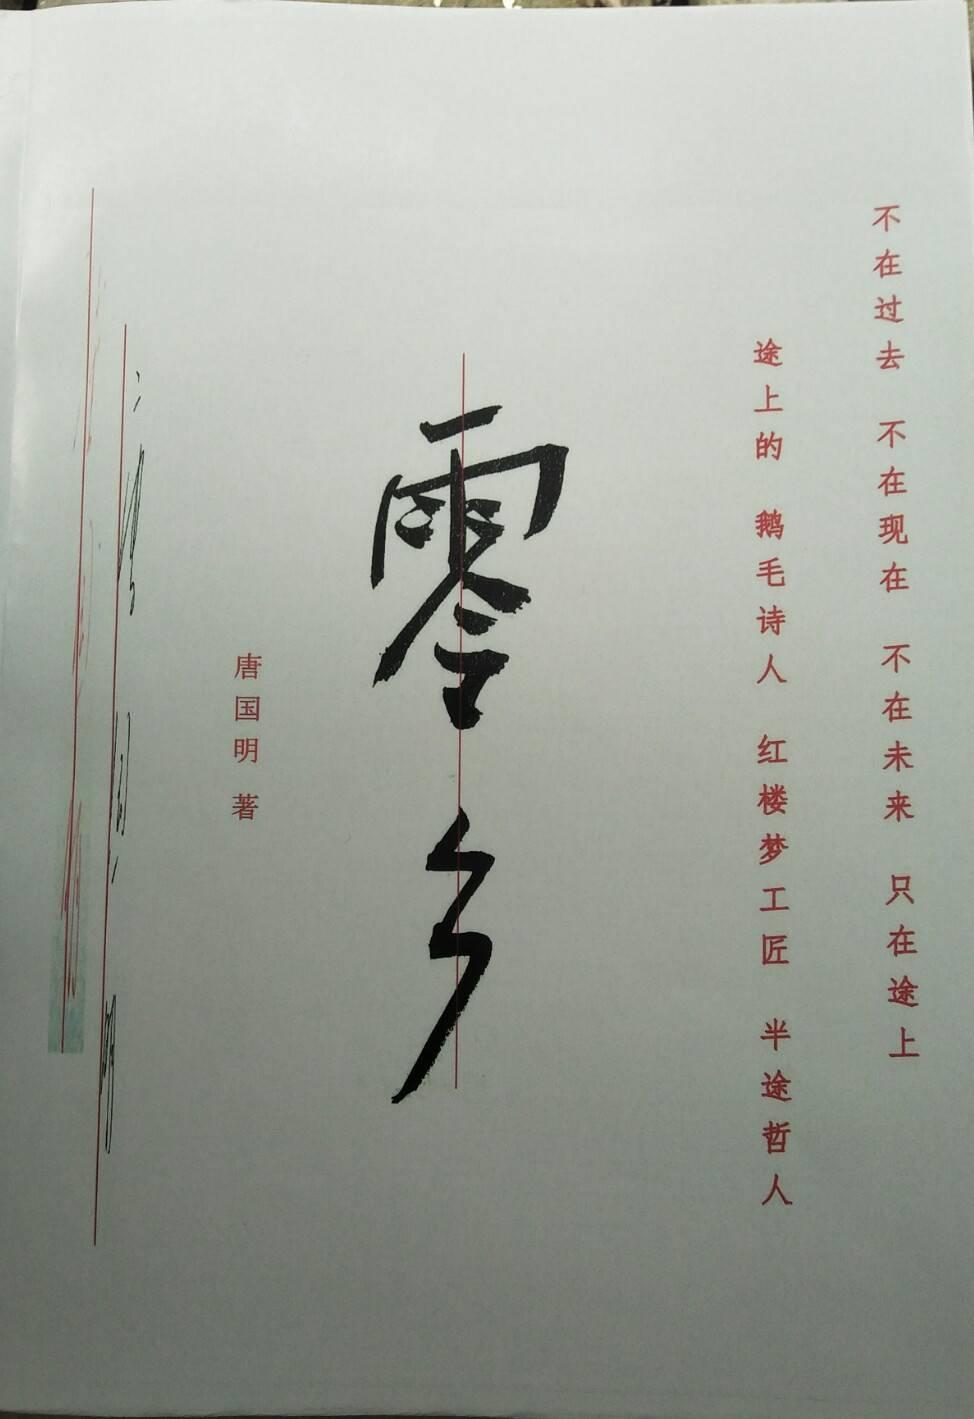 唐·郭明 一个住在几平米的小房子里 还在思考人生该不该留给人类的作家